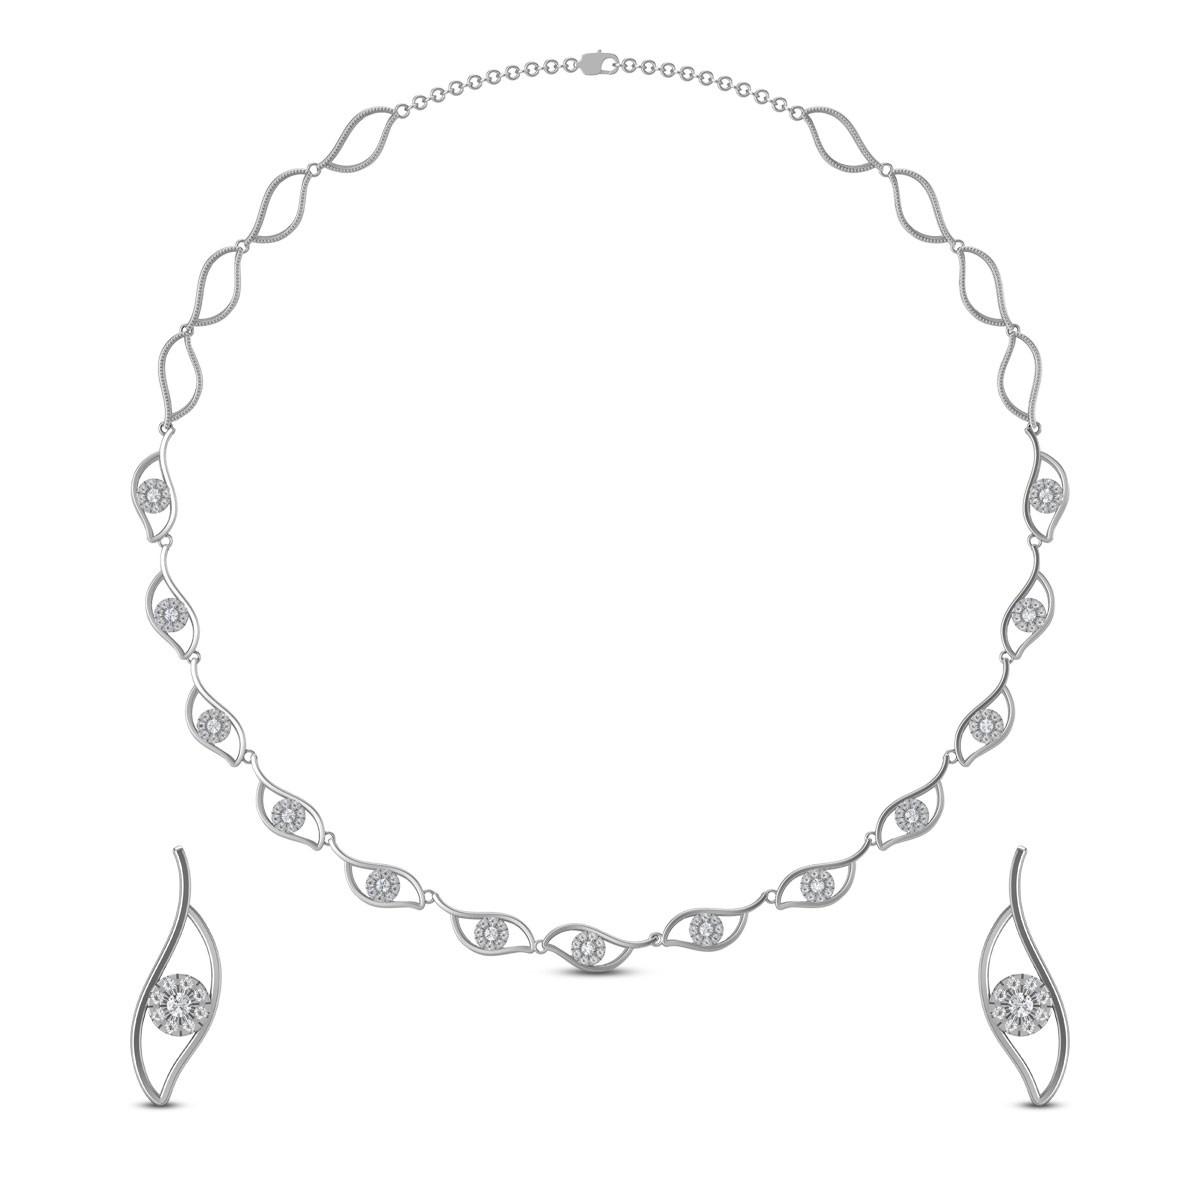 Snow White Diamond Necklace Set